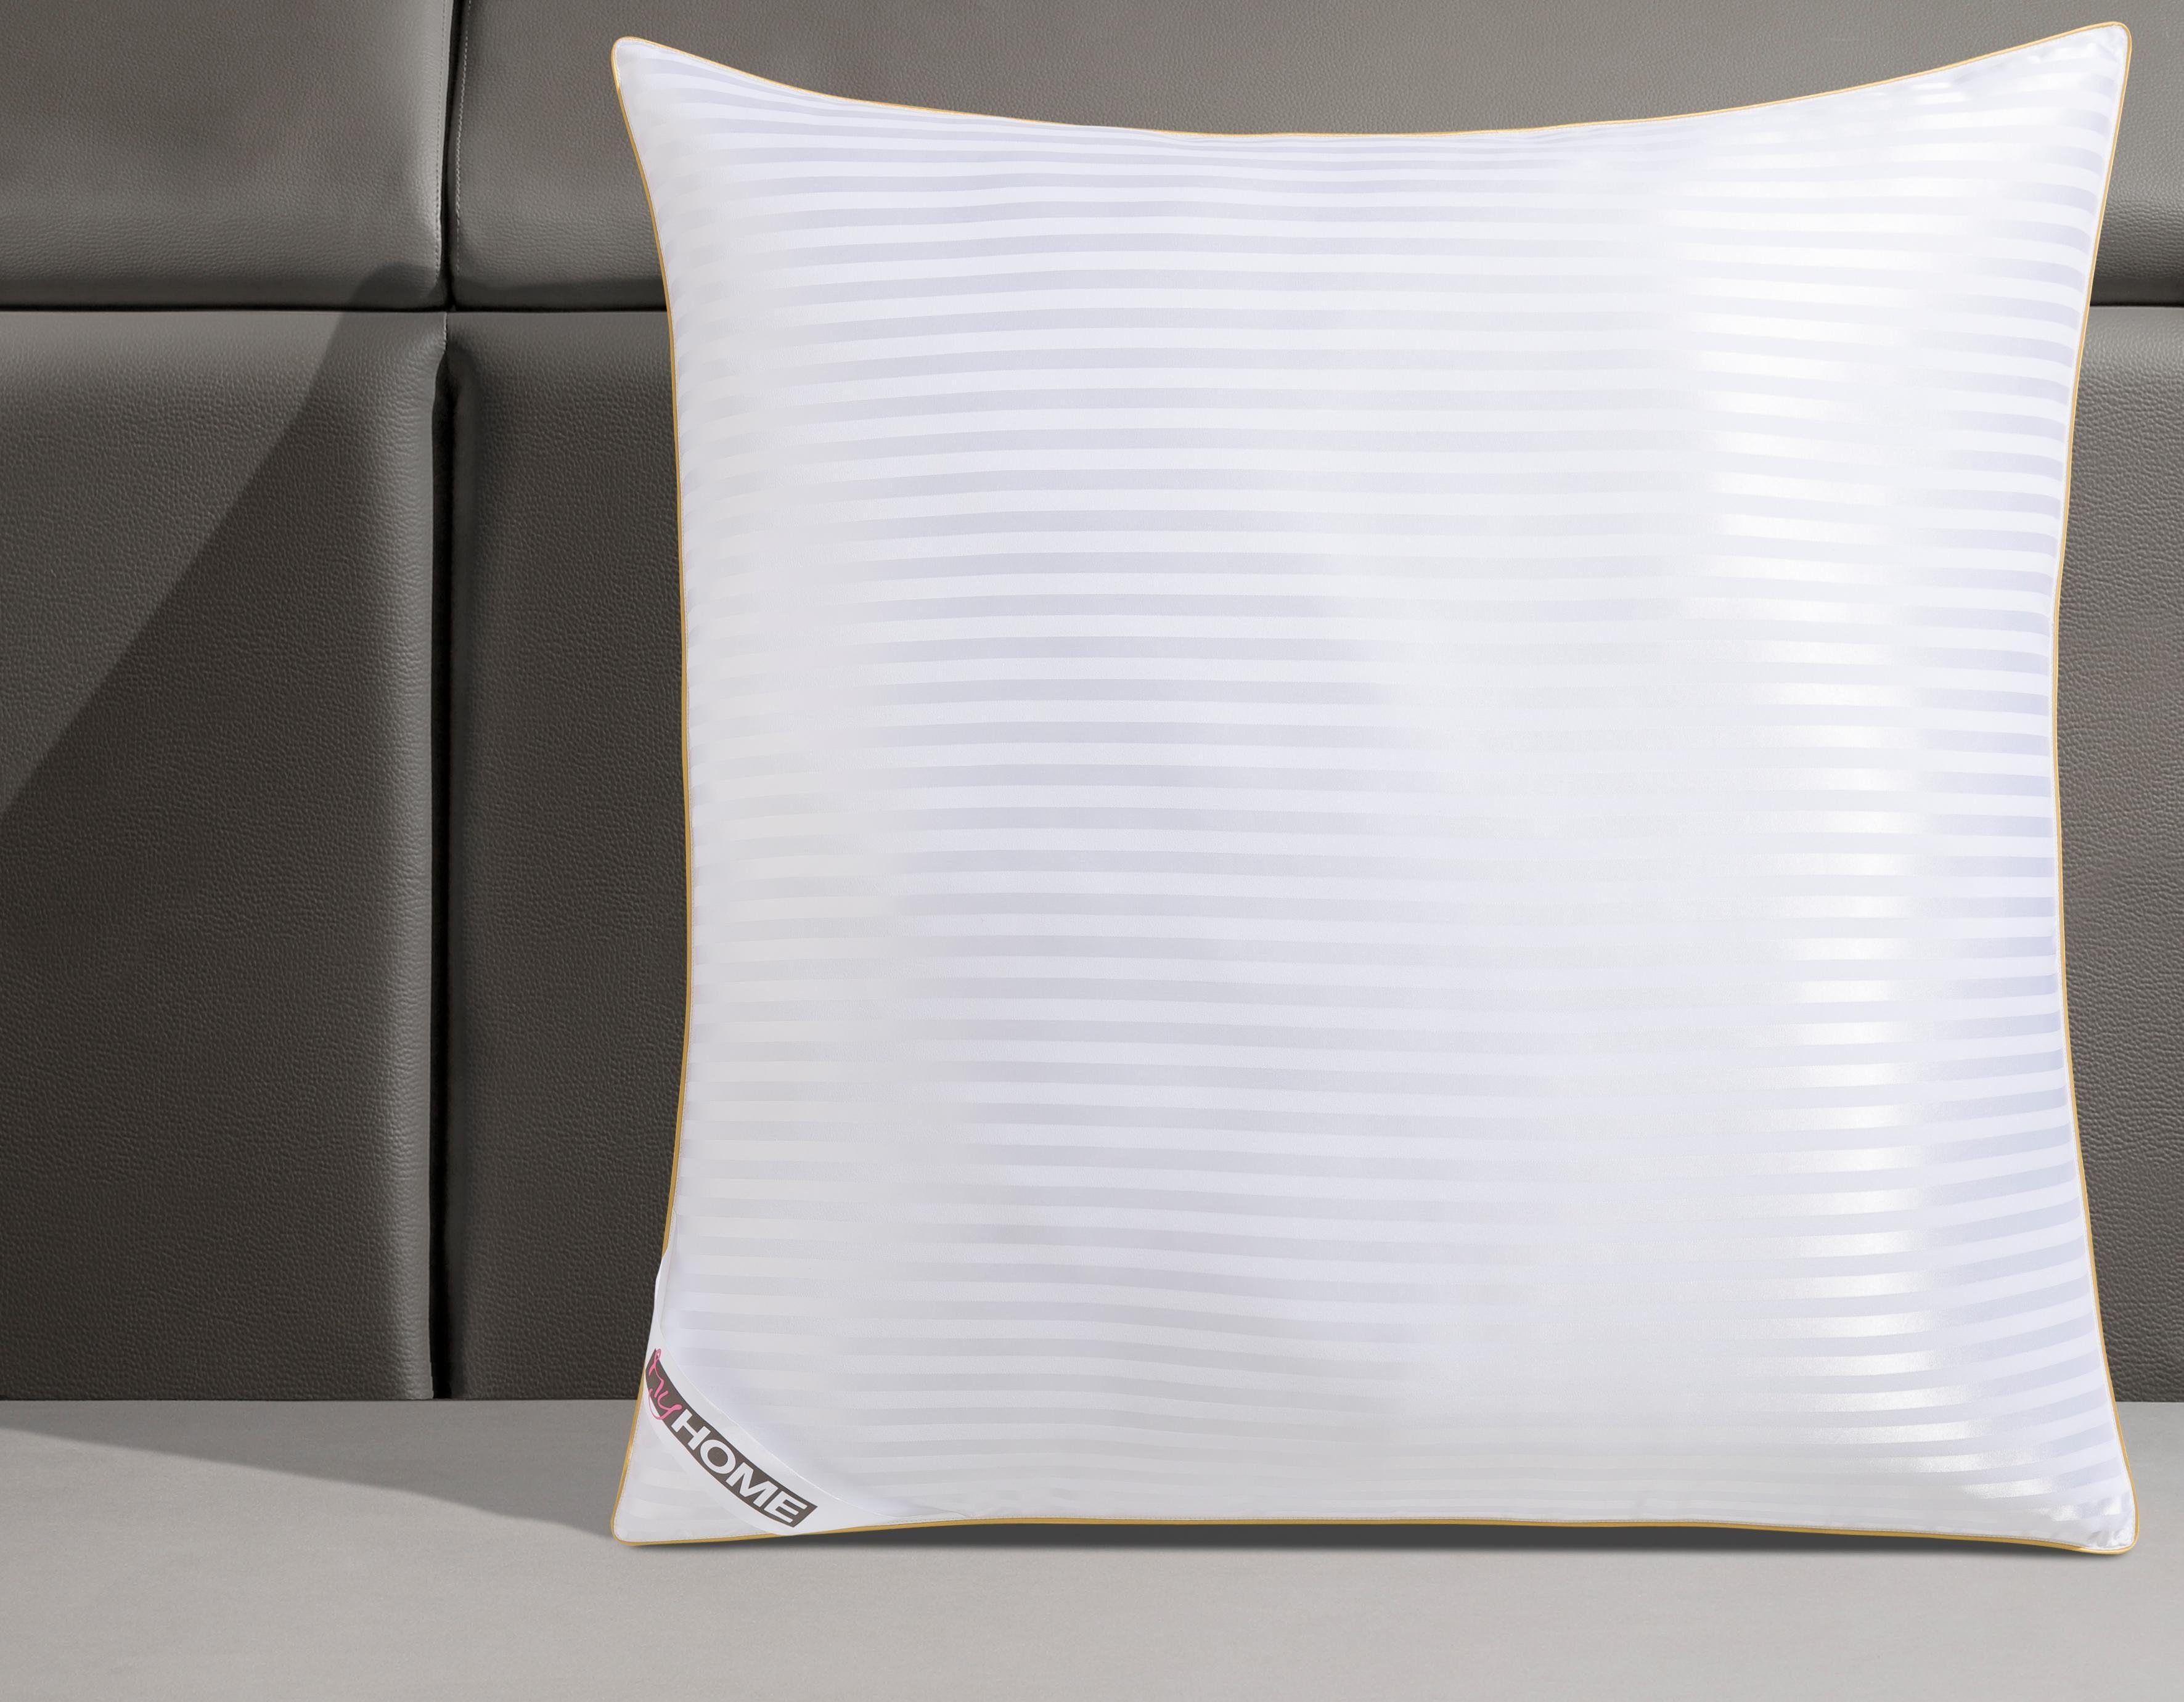 Vulling Voor Kussens : Microfiber kussen my home vulling polyester tijk